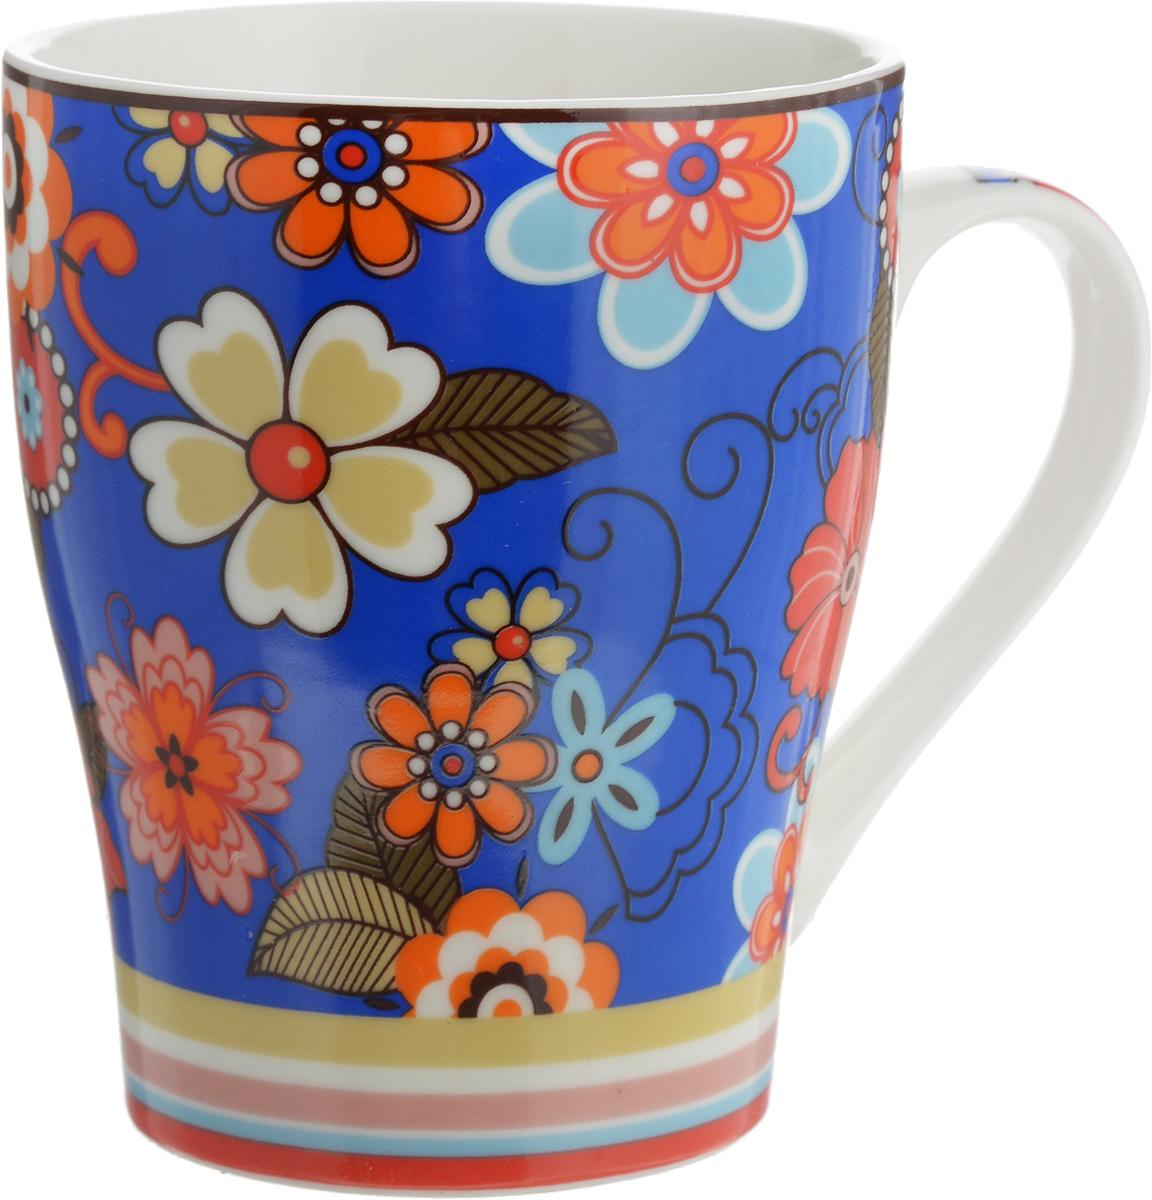 Кружка Доляна Мария, цвет: синий, красный, 300 мл103081_синий, красныйКружка Доляна Мария изготовлена из высококачественной керамики. Изделие оформлено красочным рисунком и покрыто превосходной сверкающей глазурью. Изысканная кружка прекрасно оформит стол к чаепитию и станет его неизменным атрибутом.Диаметр кружки (по верхнему краю): 8,5 см.Высота кружки: 10,5 см.